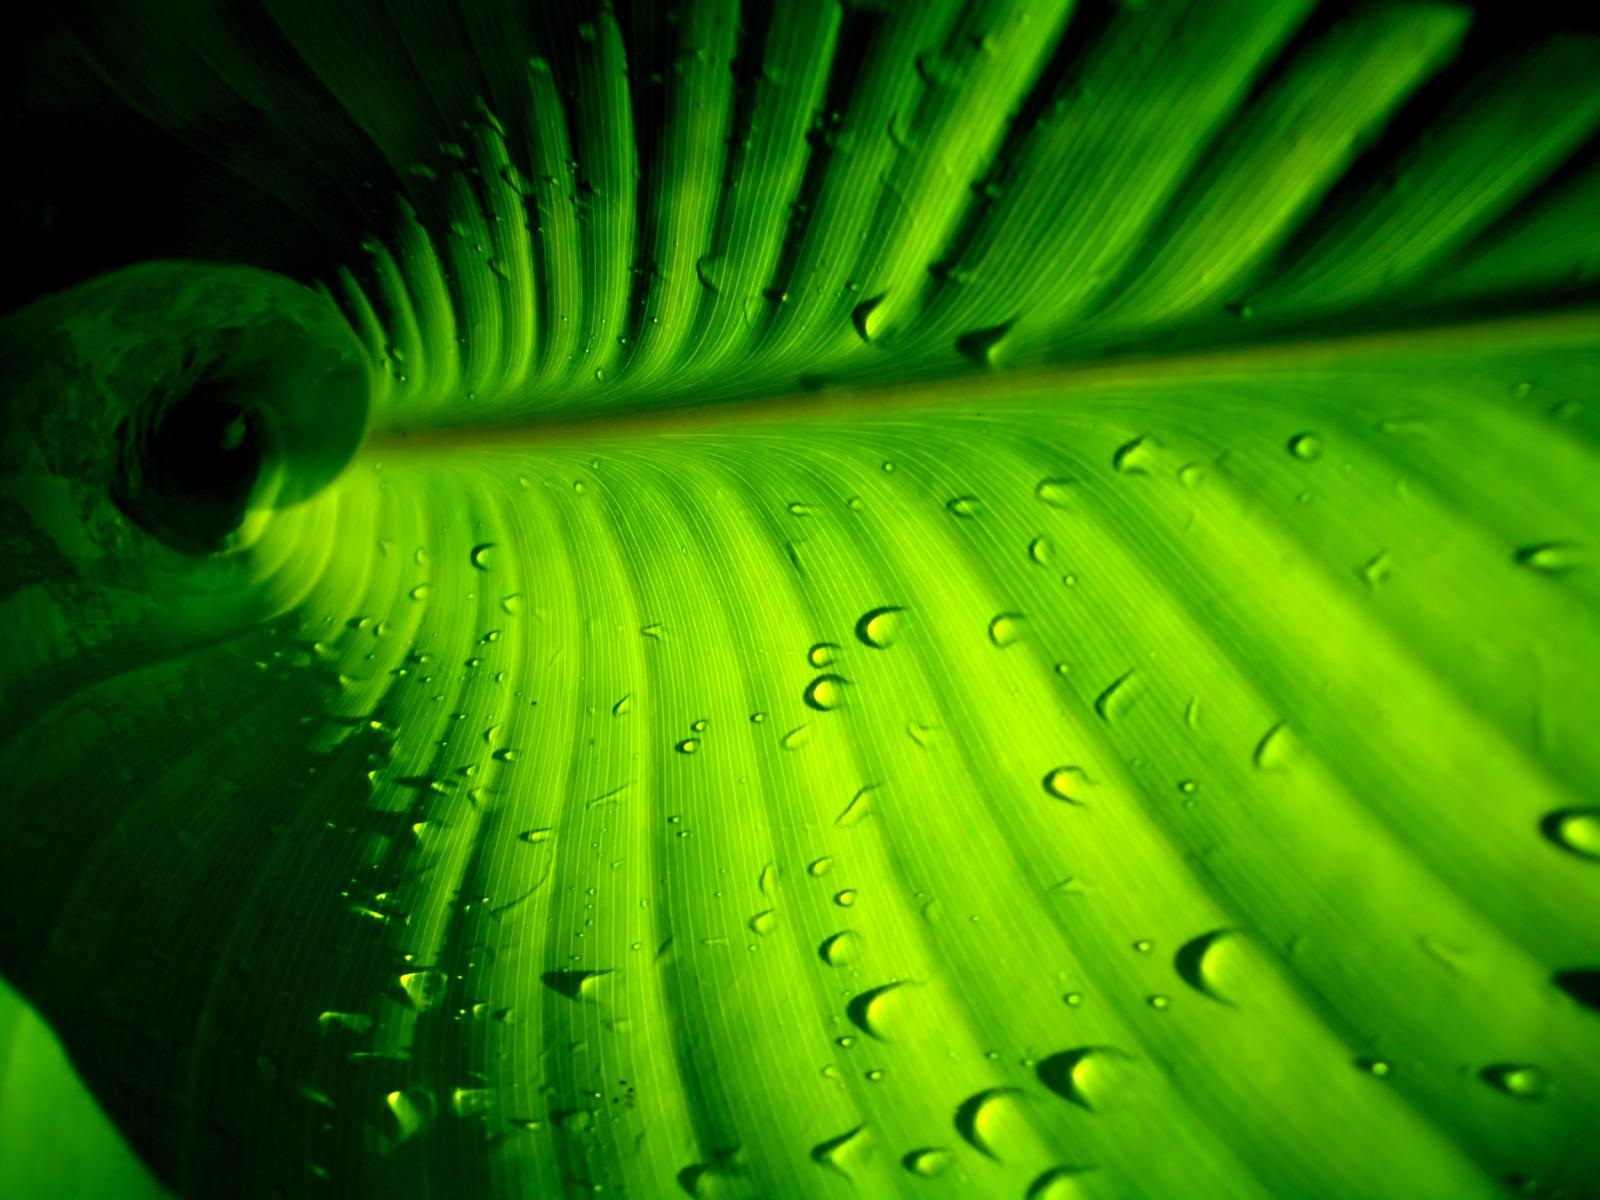 leaf wallpaper dew drops